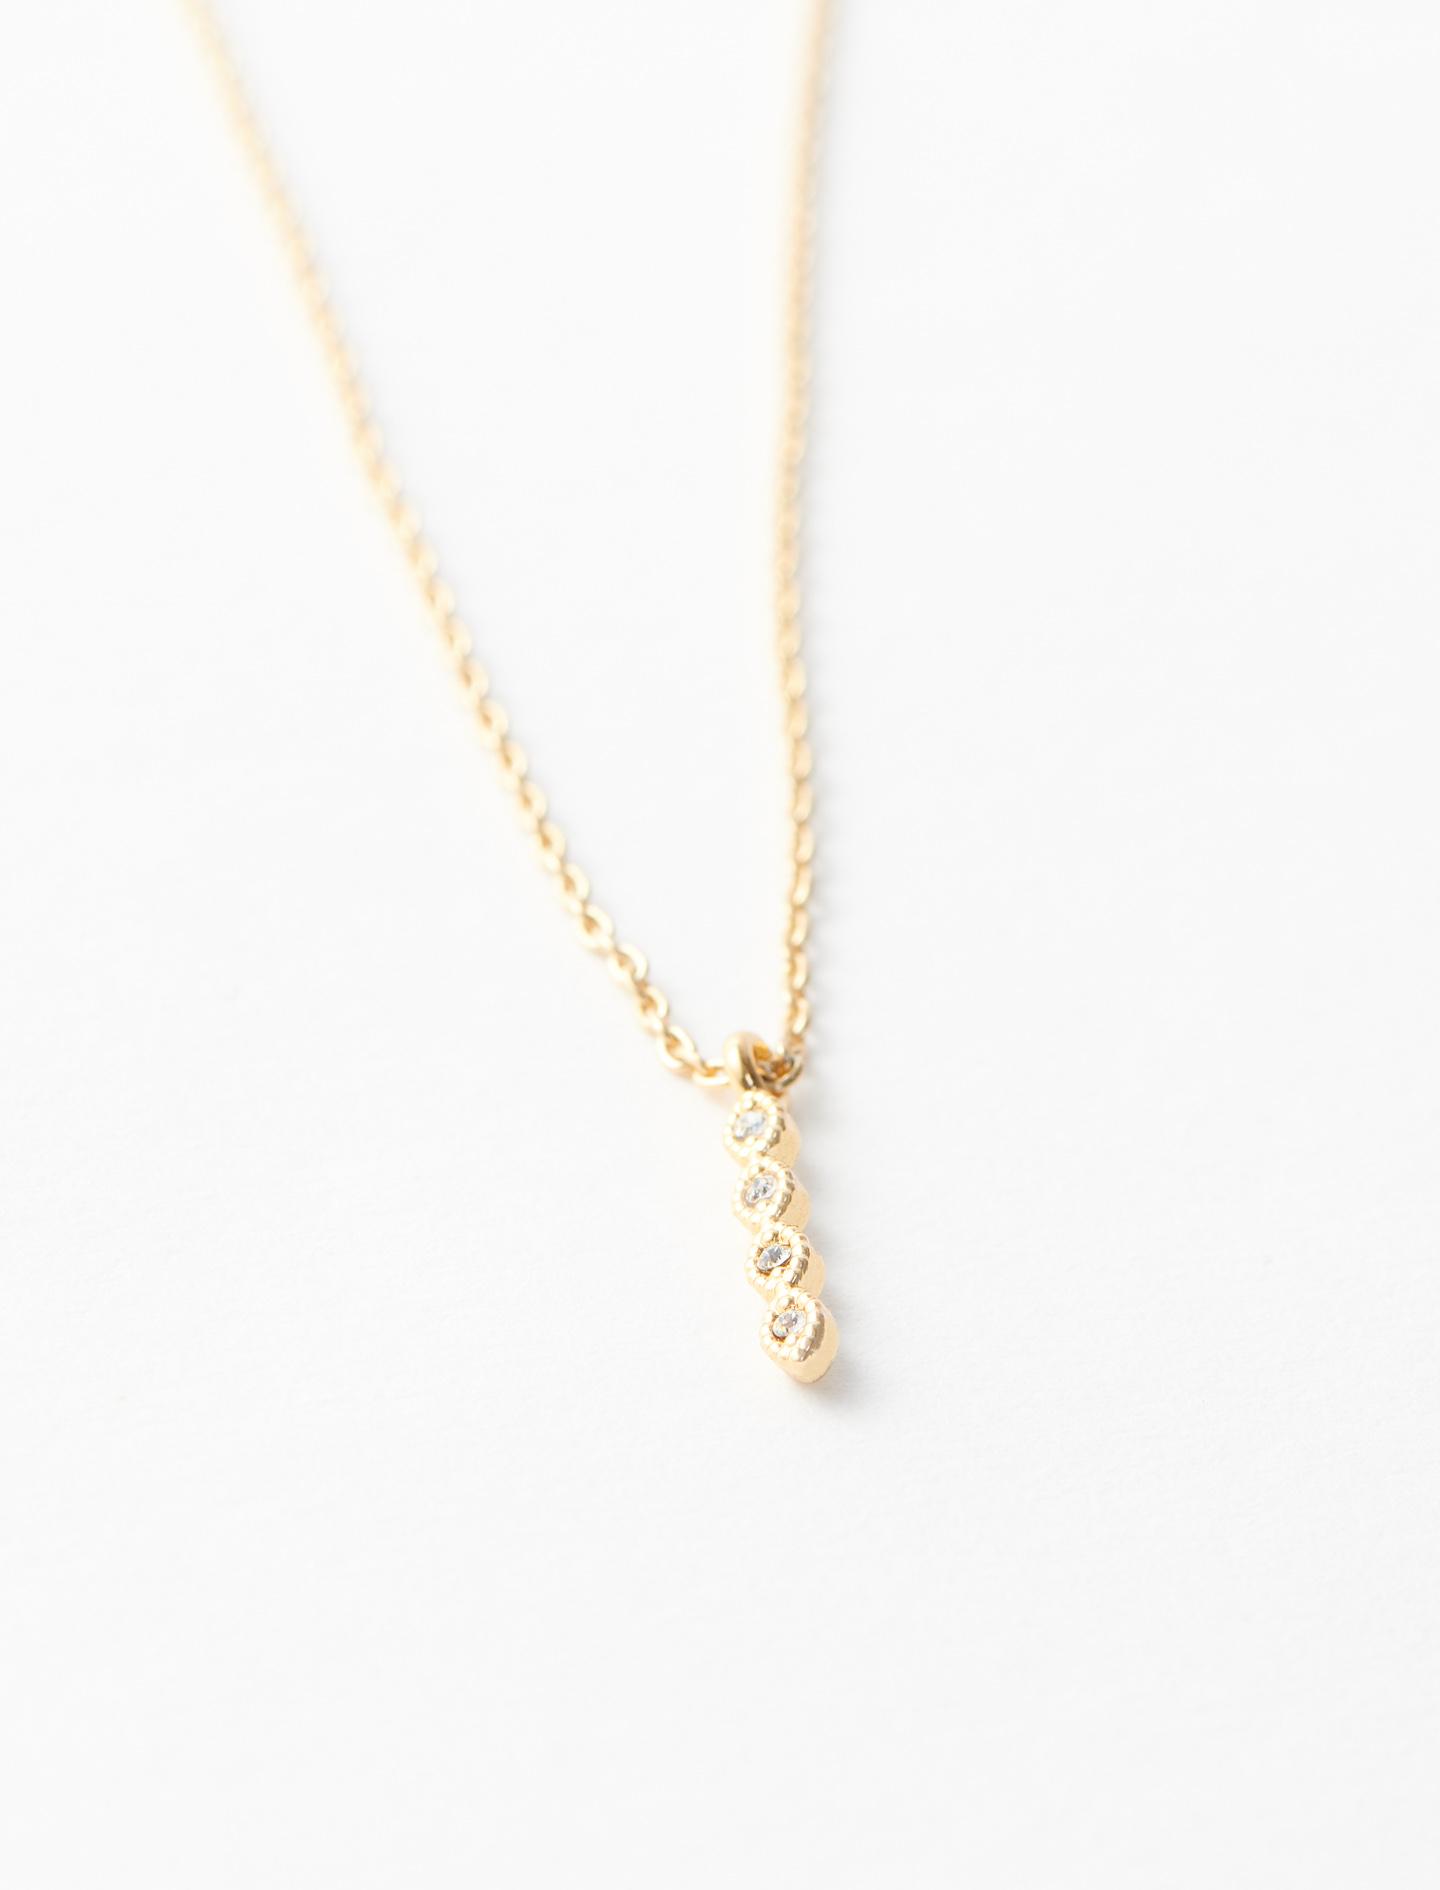 Rhinestone I necklace - Gold